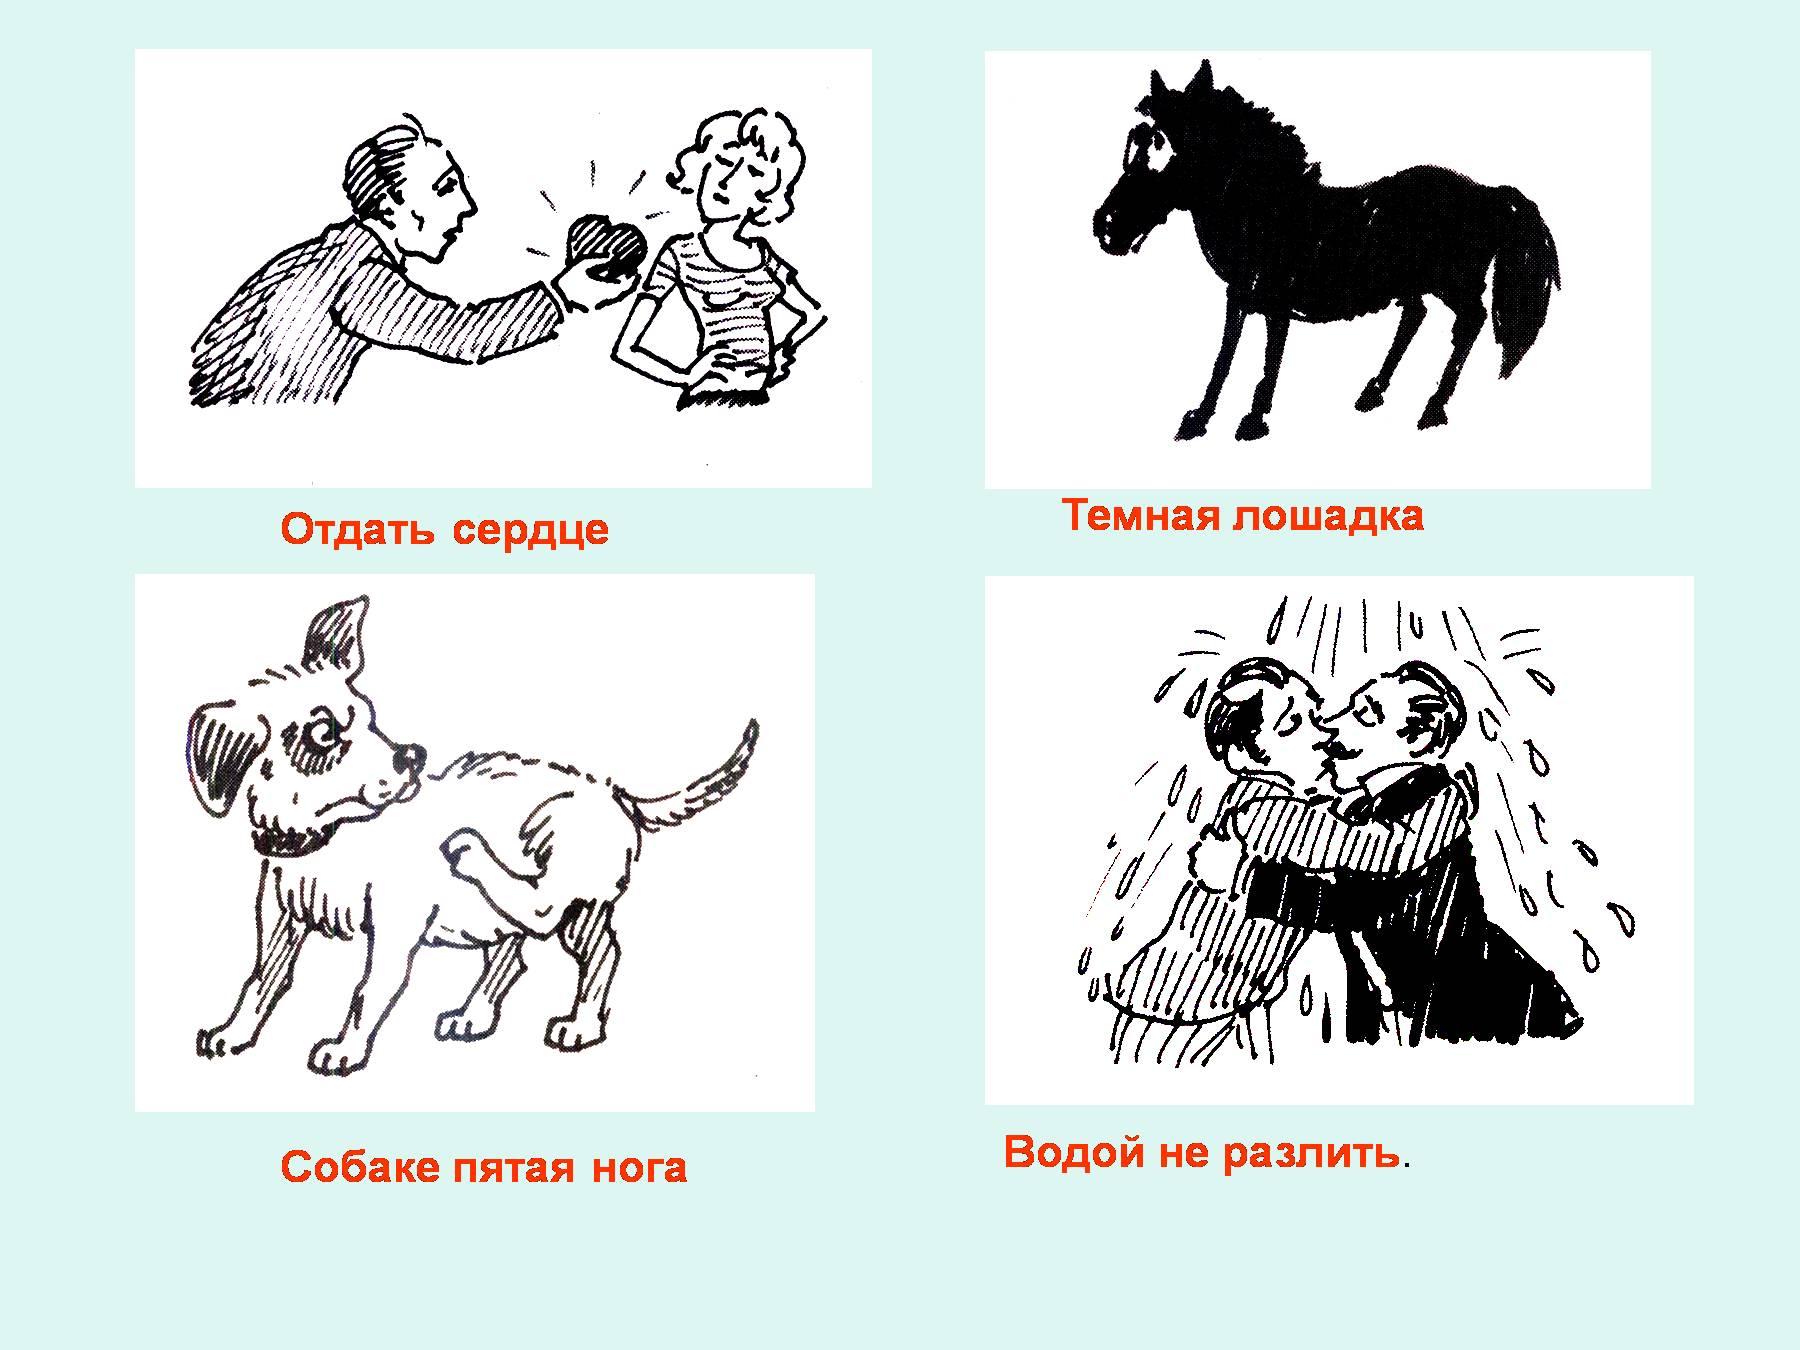 фразеологизмы примеры и картинки точки светящегося